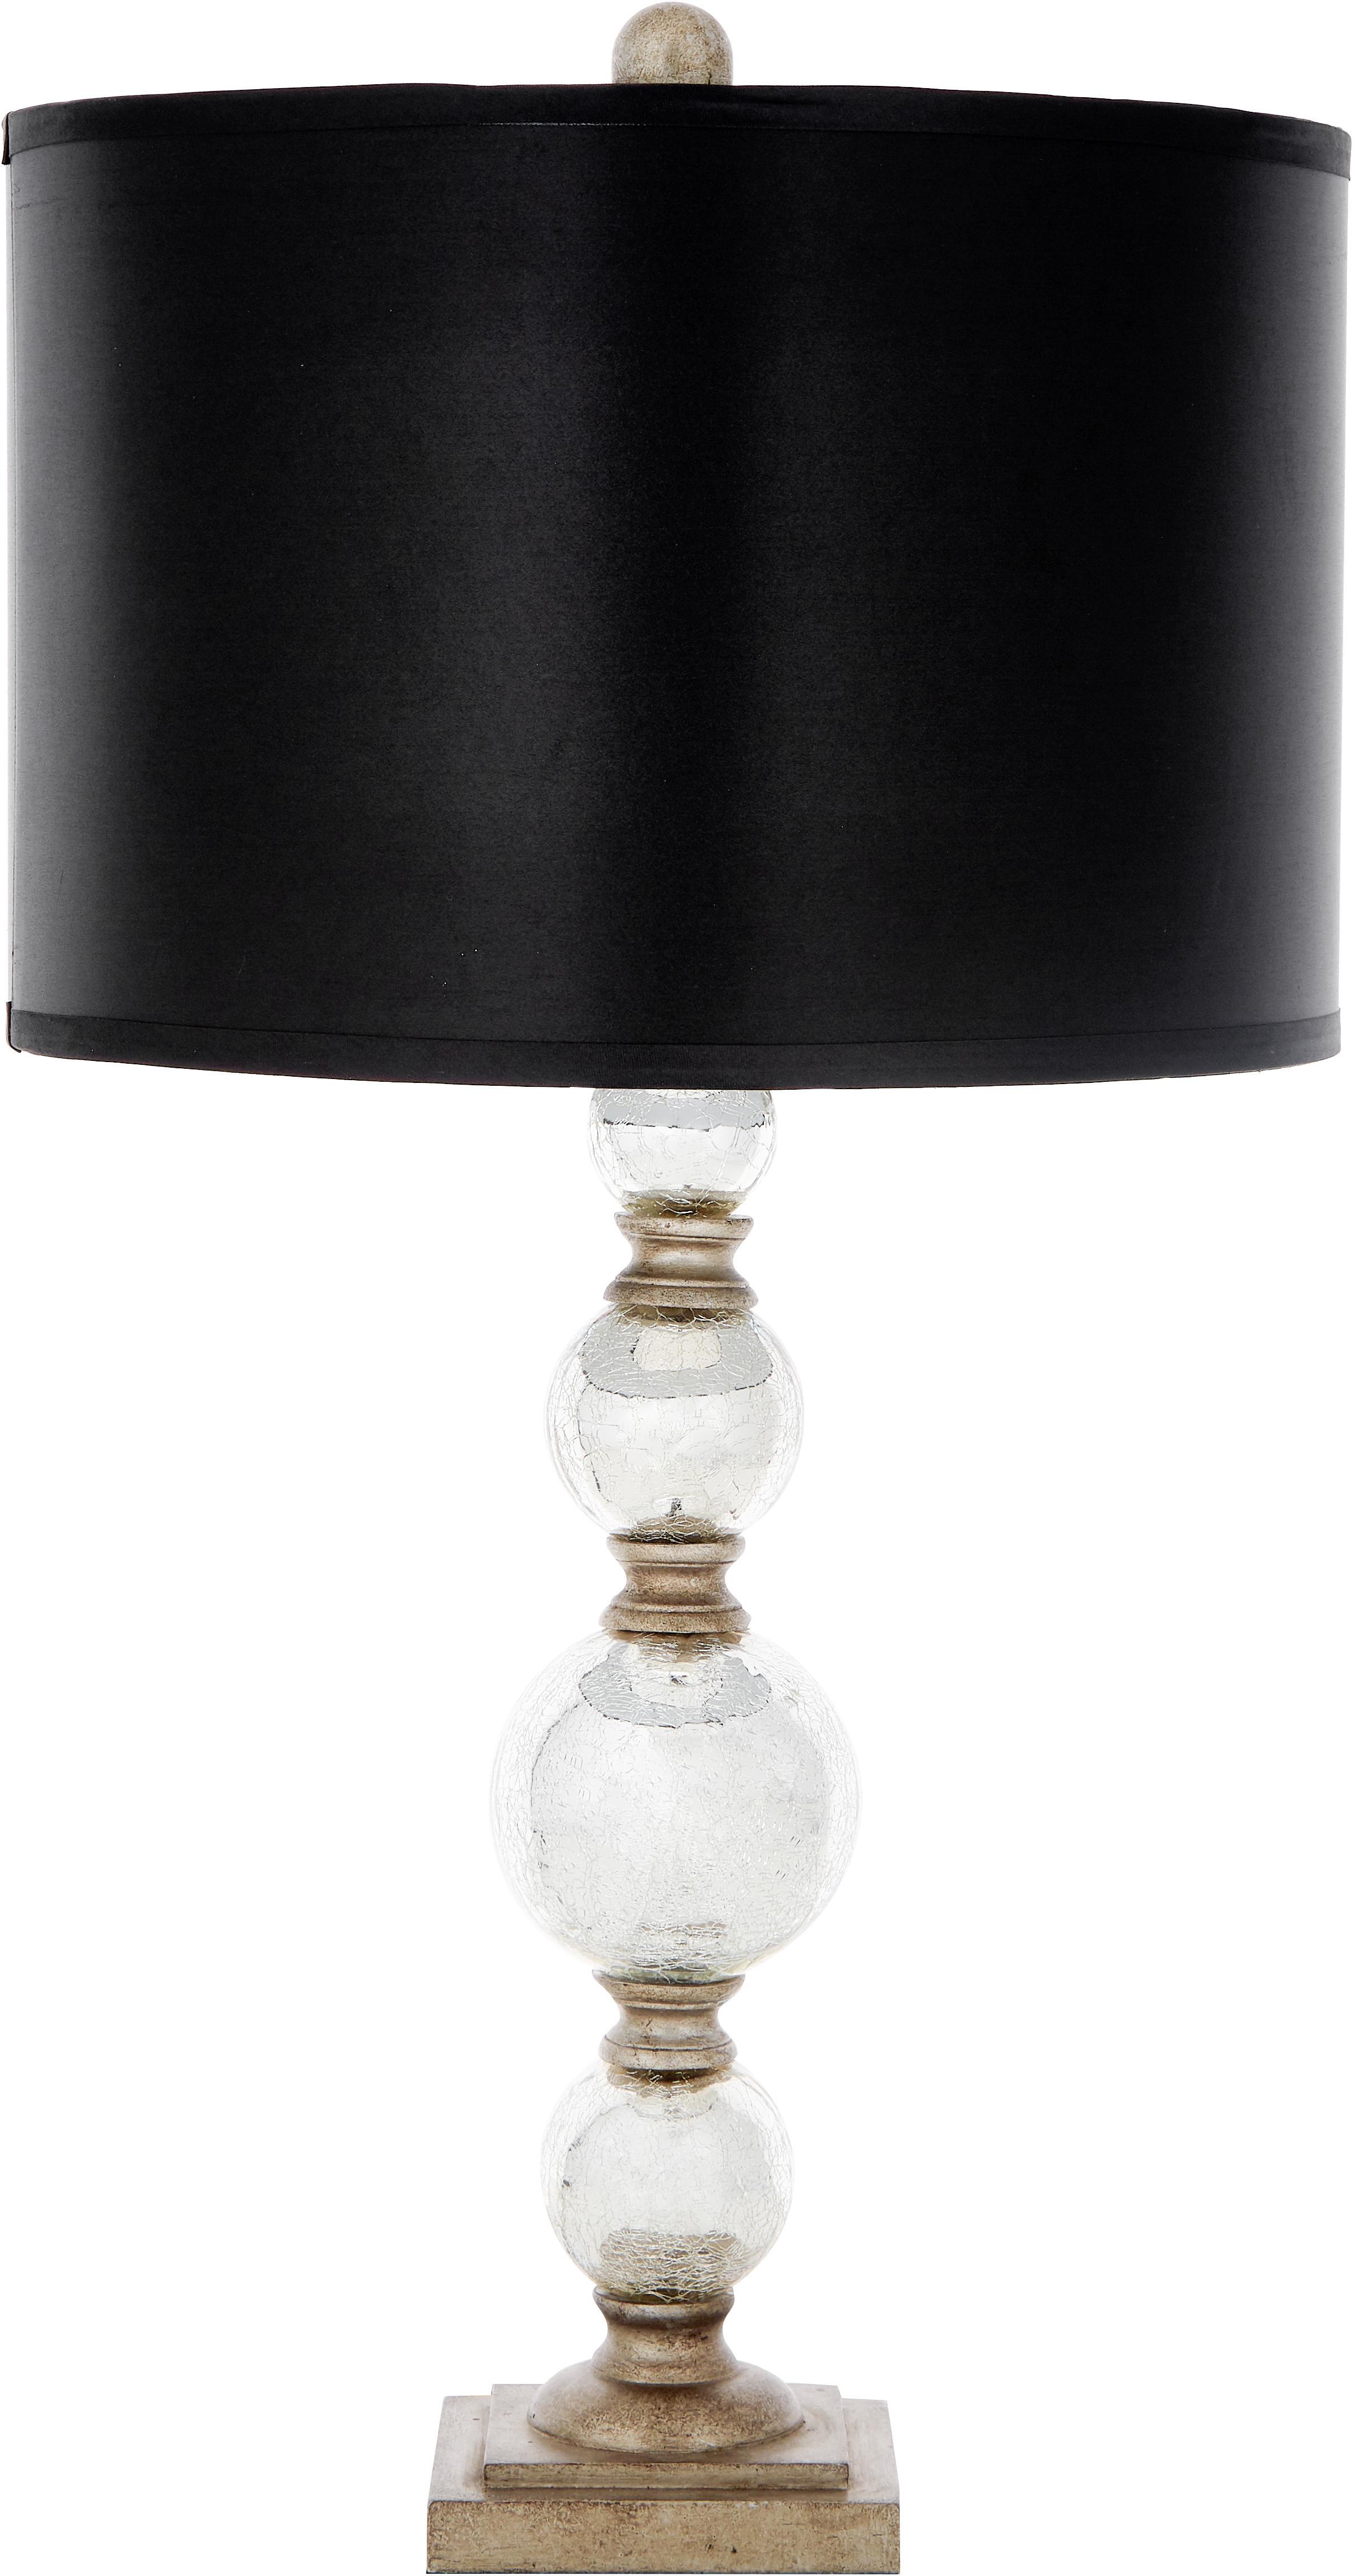 Große Tischlampen Balls, 2 Stück, Lampenschirm: Textil (Polyesterbezug), Lampenfuß: Glas, Schwarz,Silber, Ø 35 x H 75 cm